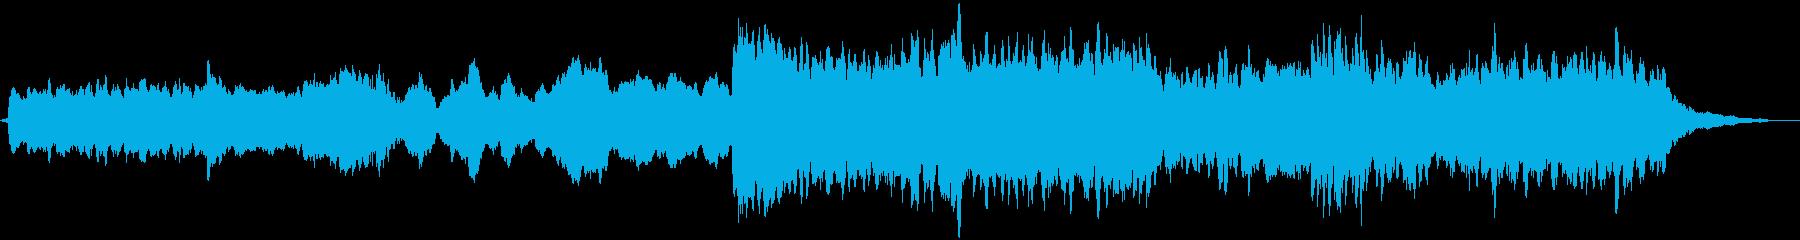 モダン テクノ 実験的 アンビエン...の再生済みの波形